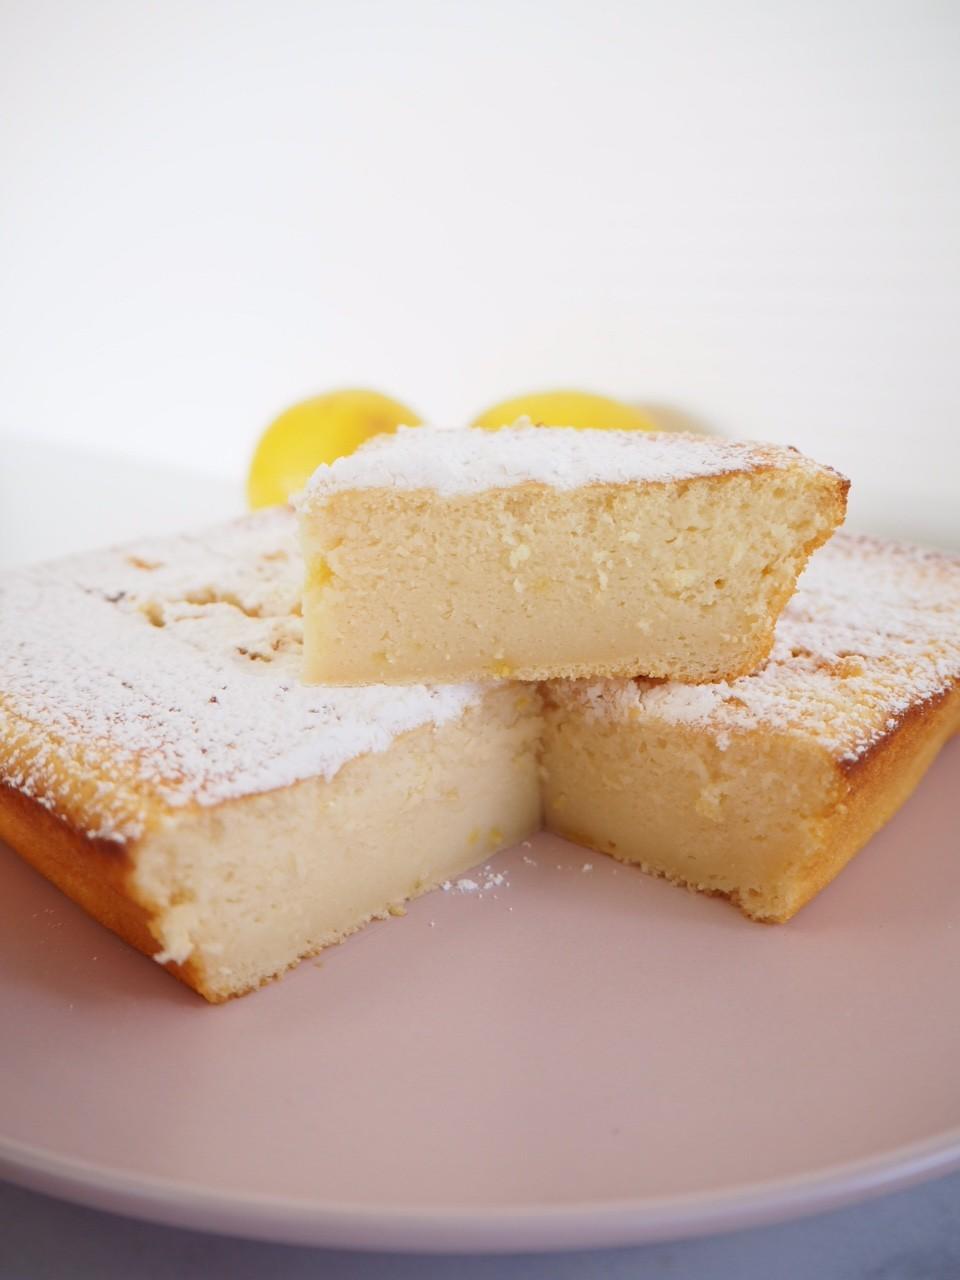 Warm Lemon Cake